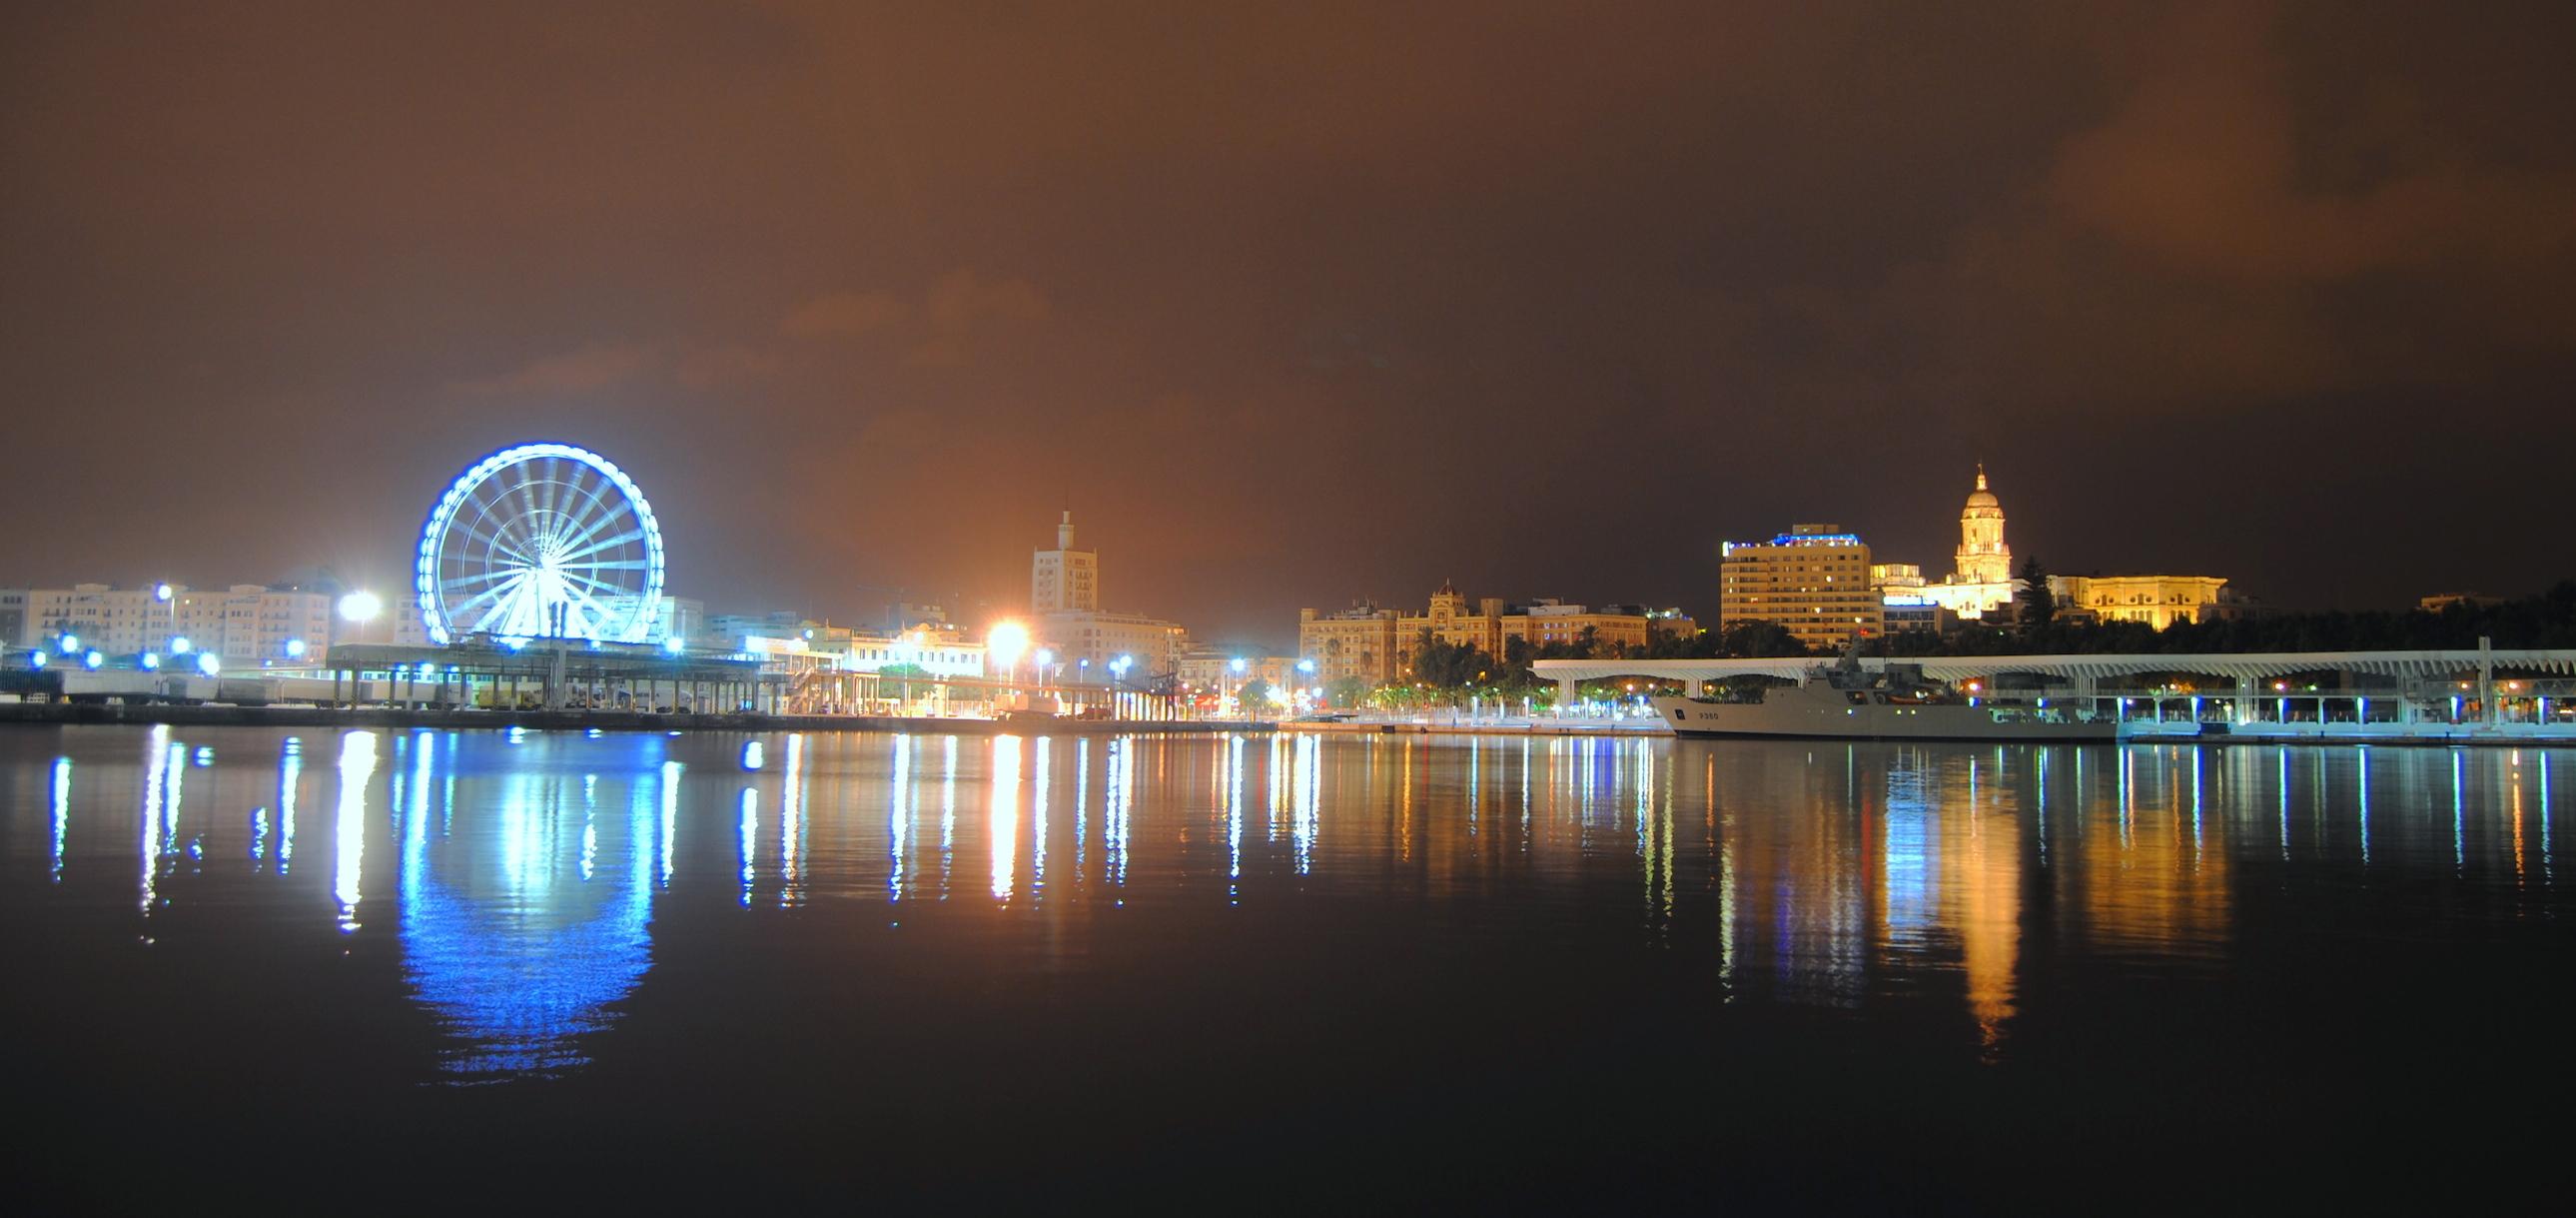 Noria de Málaga, una nueva atracción turística - Voilà Málaga